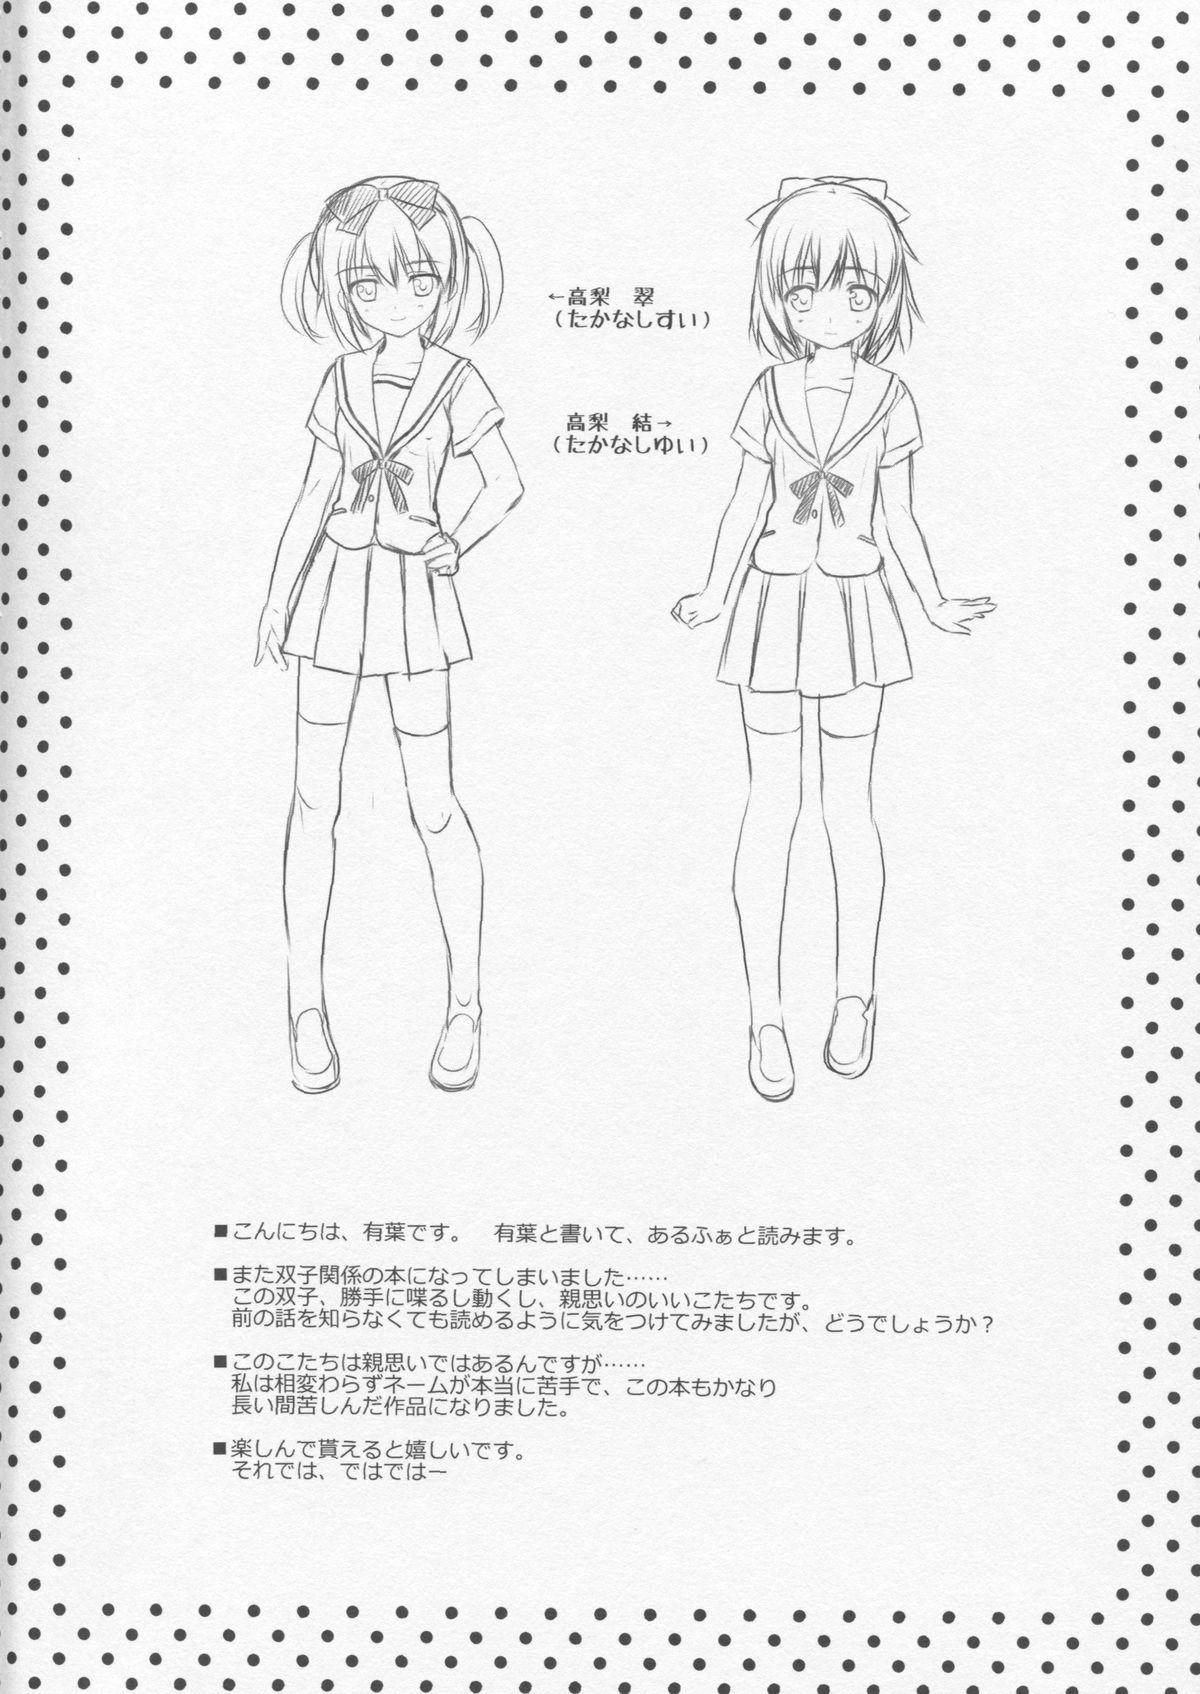 Itoko de Futago no Imouto Takanashi Yui 1